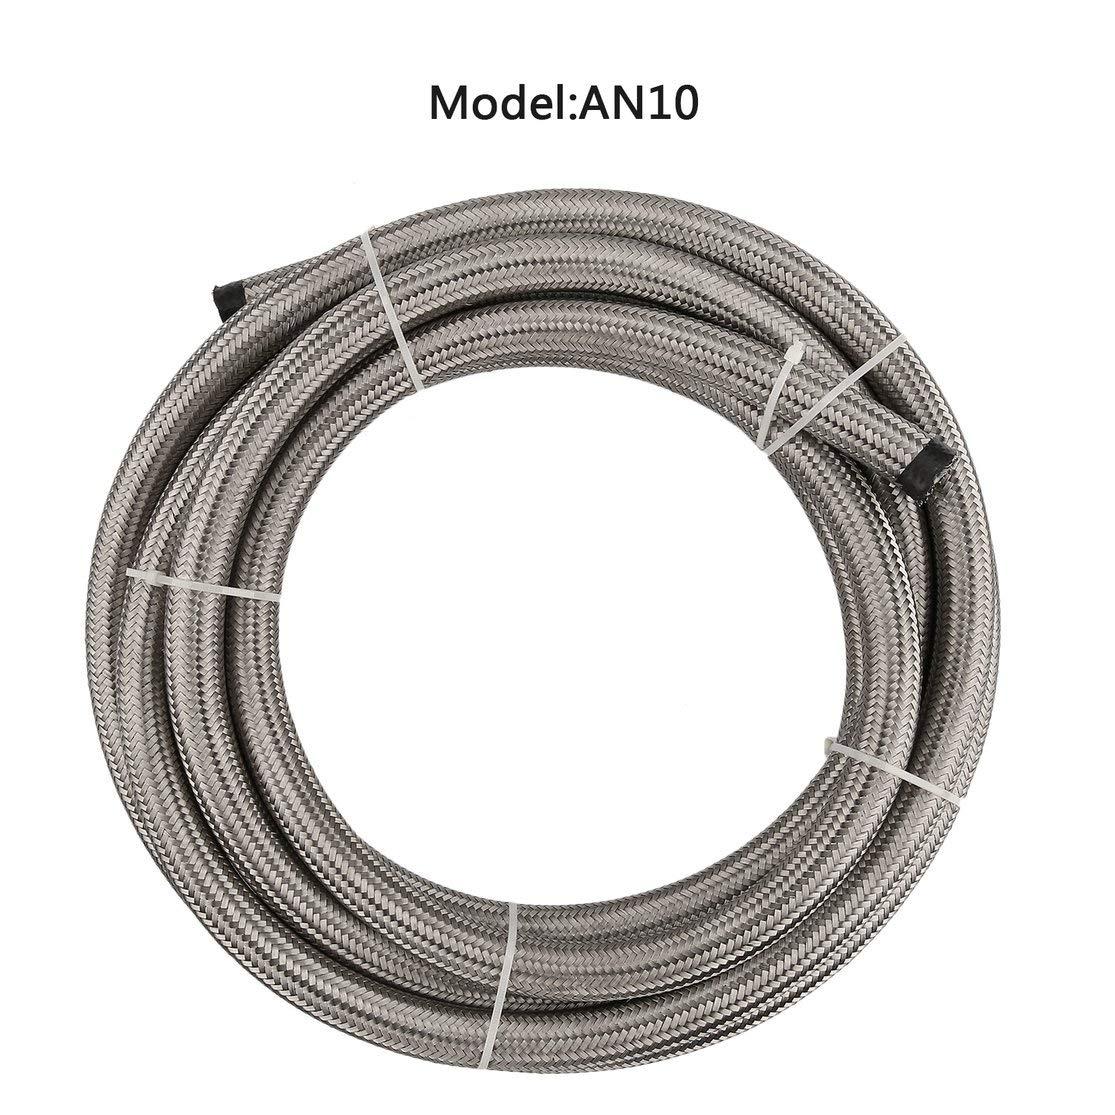 AN8 AN10 Universal Flexible 1 Metro Manguera de Combustible Trenzada de Nylon Durable Resistente al Calor Seguro y confiable Candyboom AN4 AN6